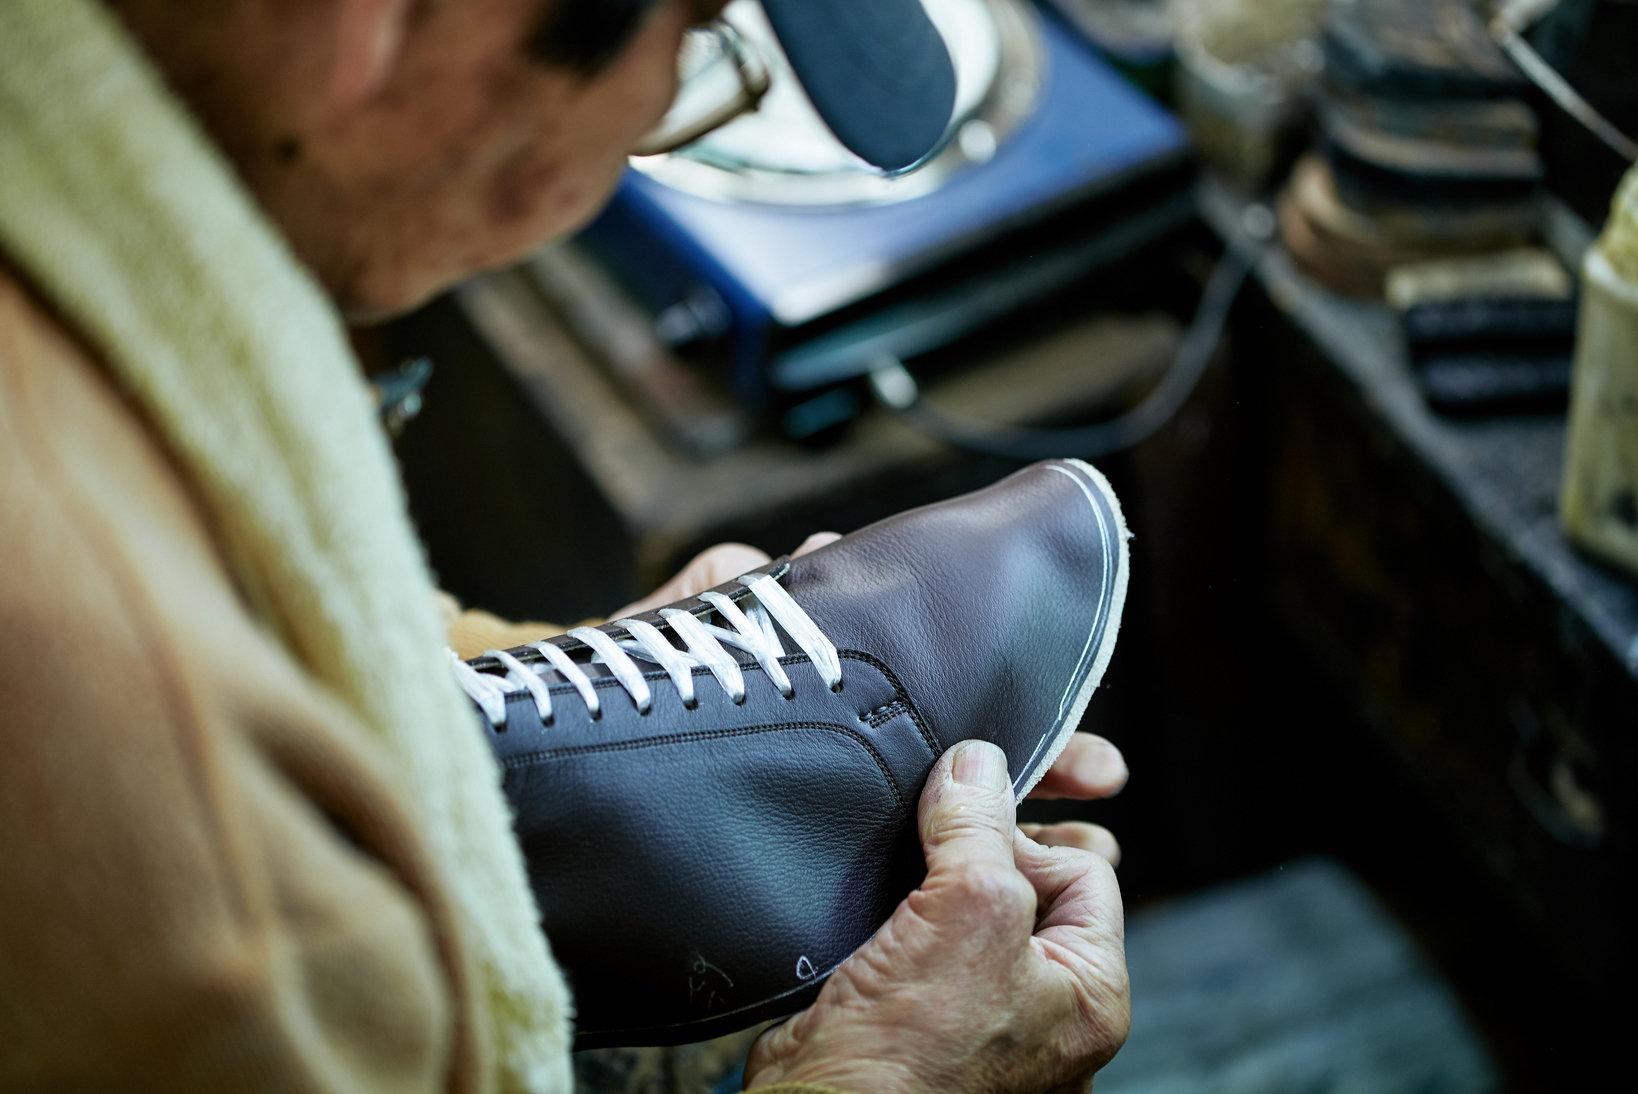 OEMでは、最近はこのようなスニーカー的要素の入った紳士靴も製造するようになった。とは言え注ぎ込まれている技術には変更や省略は一切ない。